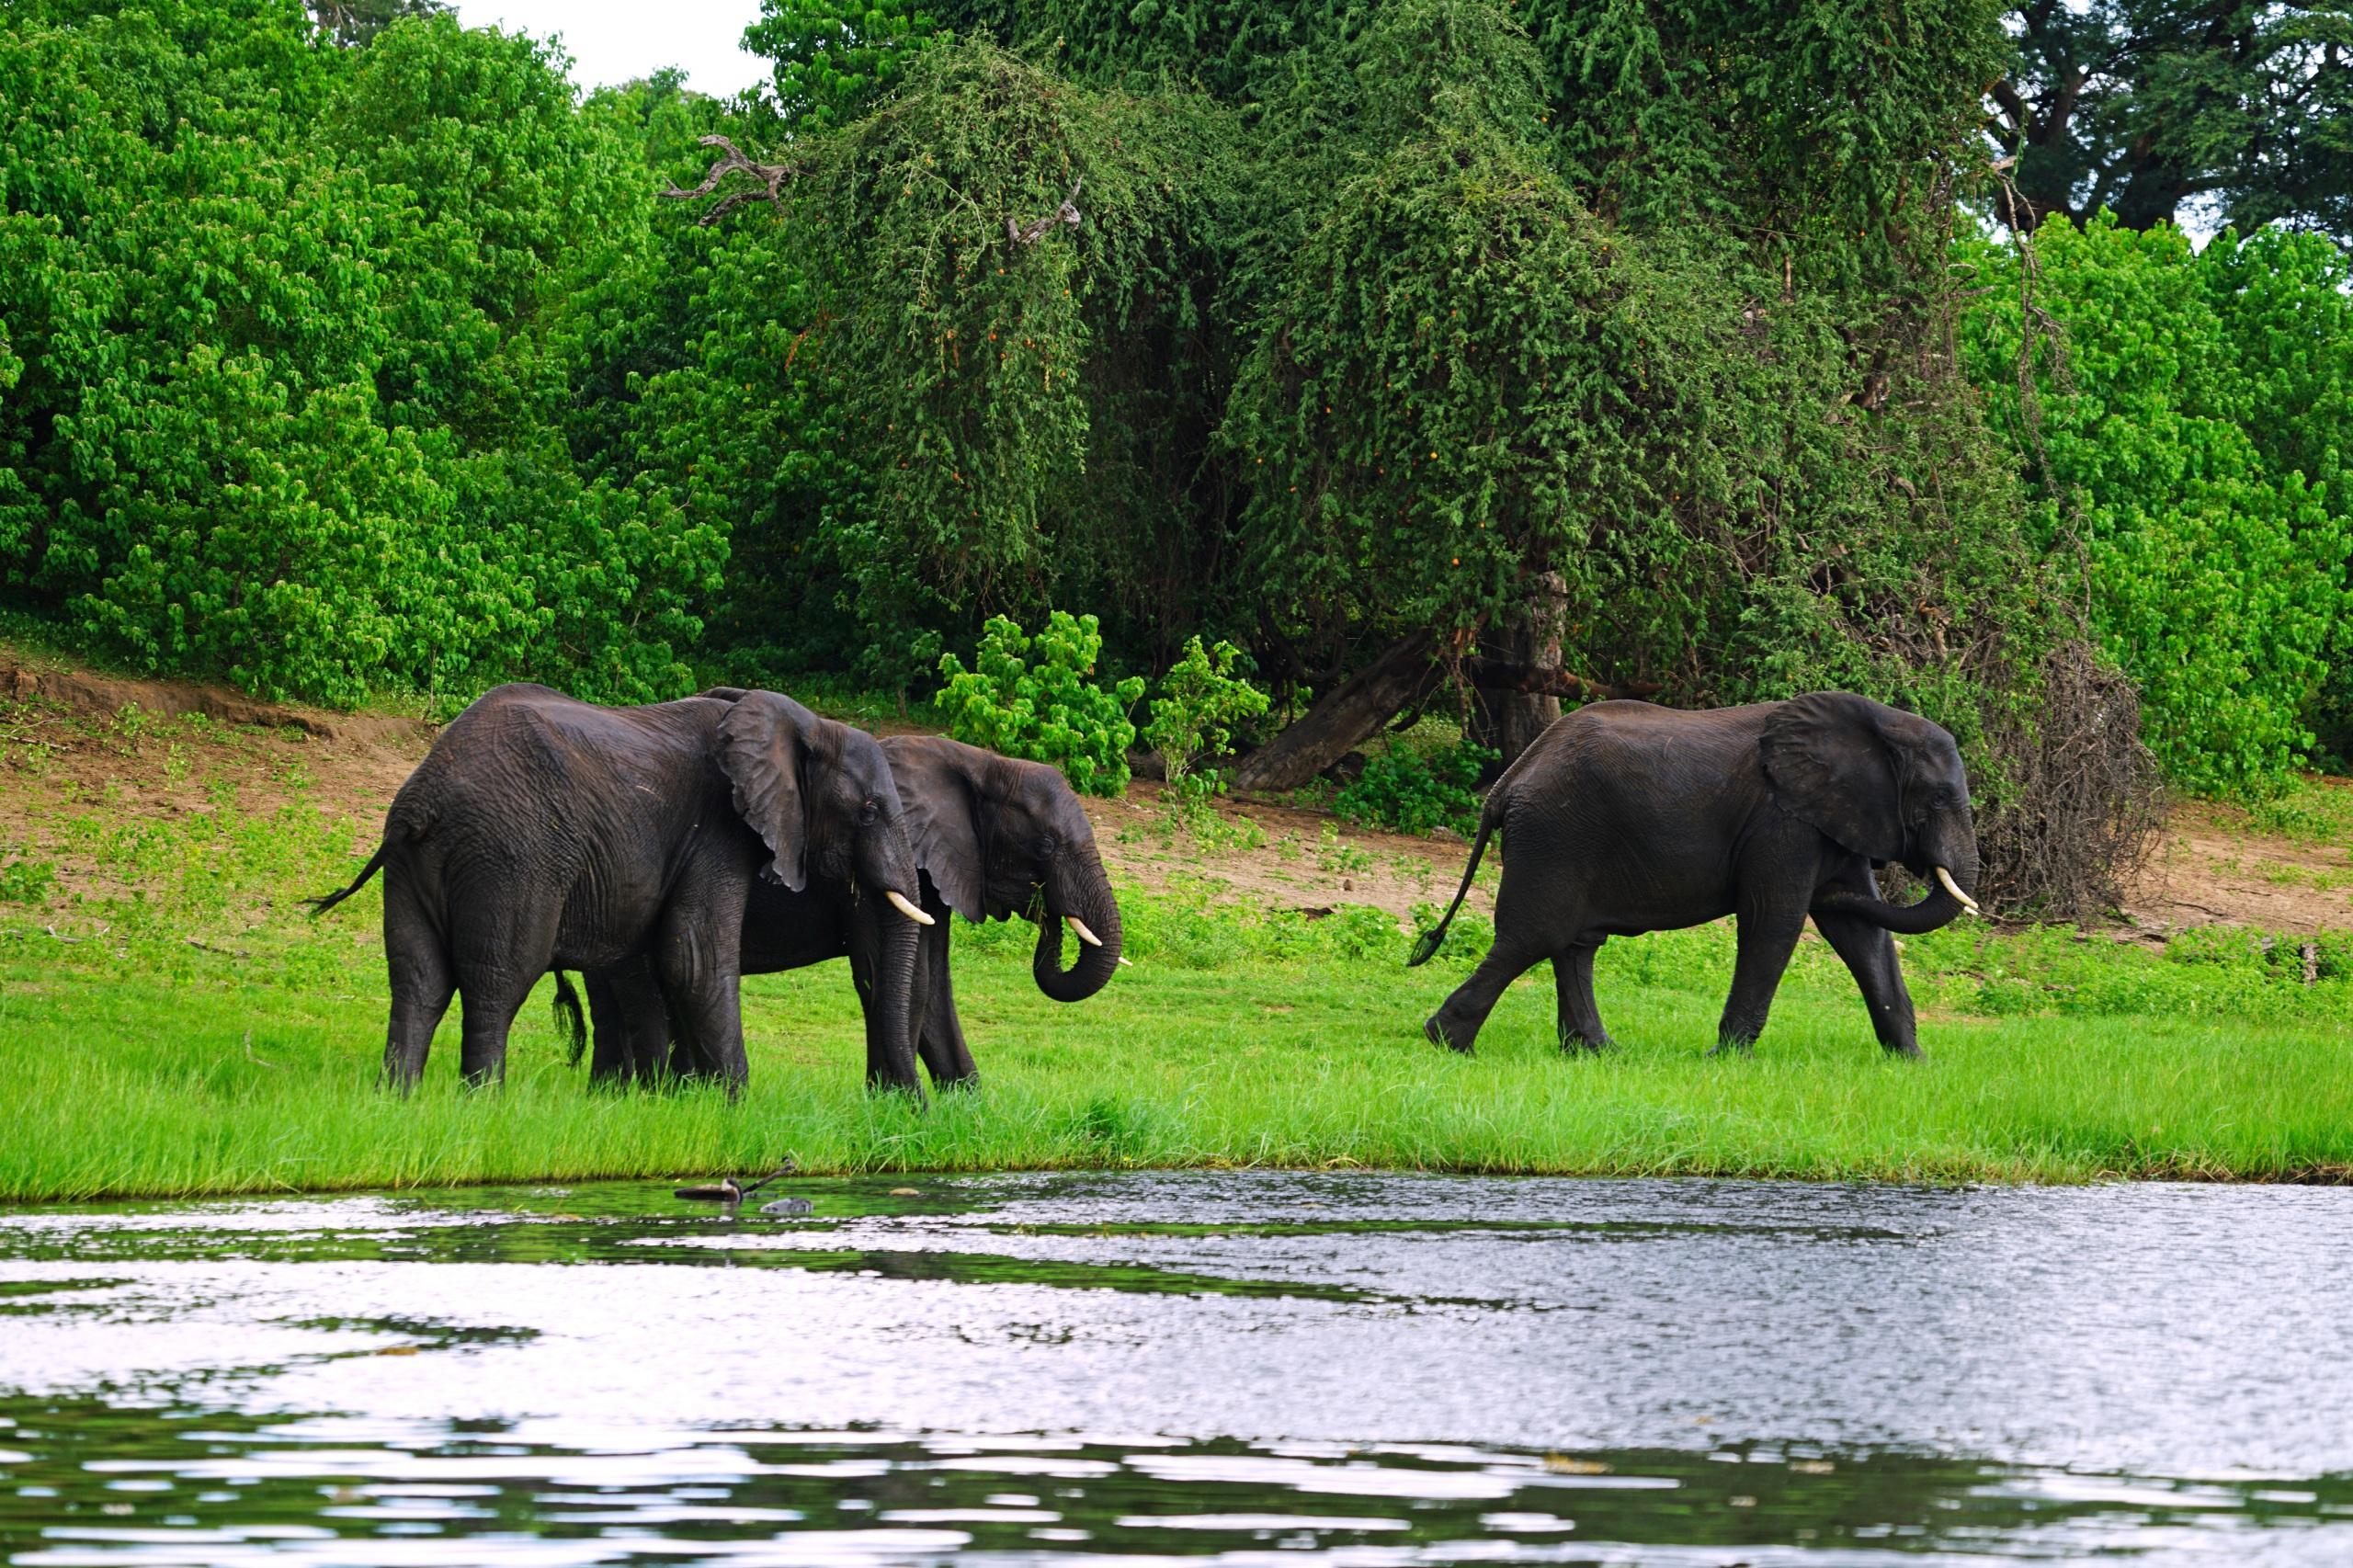 Картинка слон Трое 3 Побережье Животные 2560x1706 Слоны три берег втроем животное